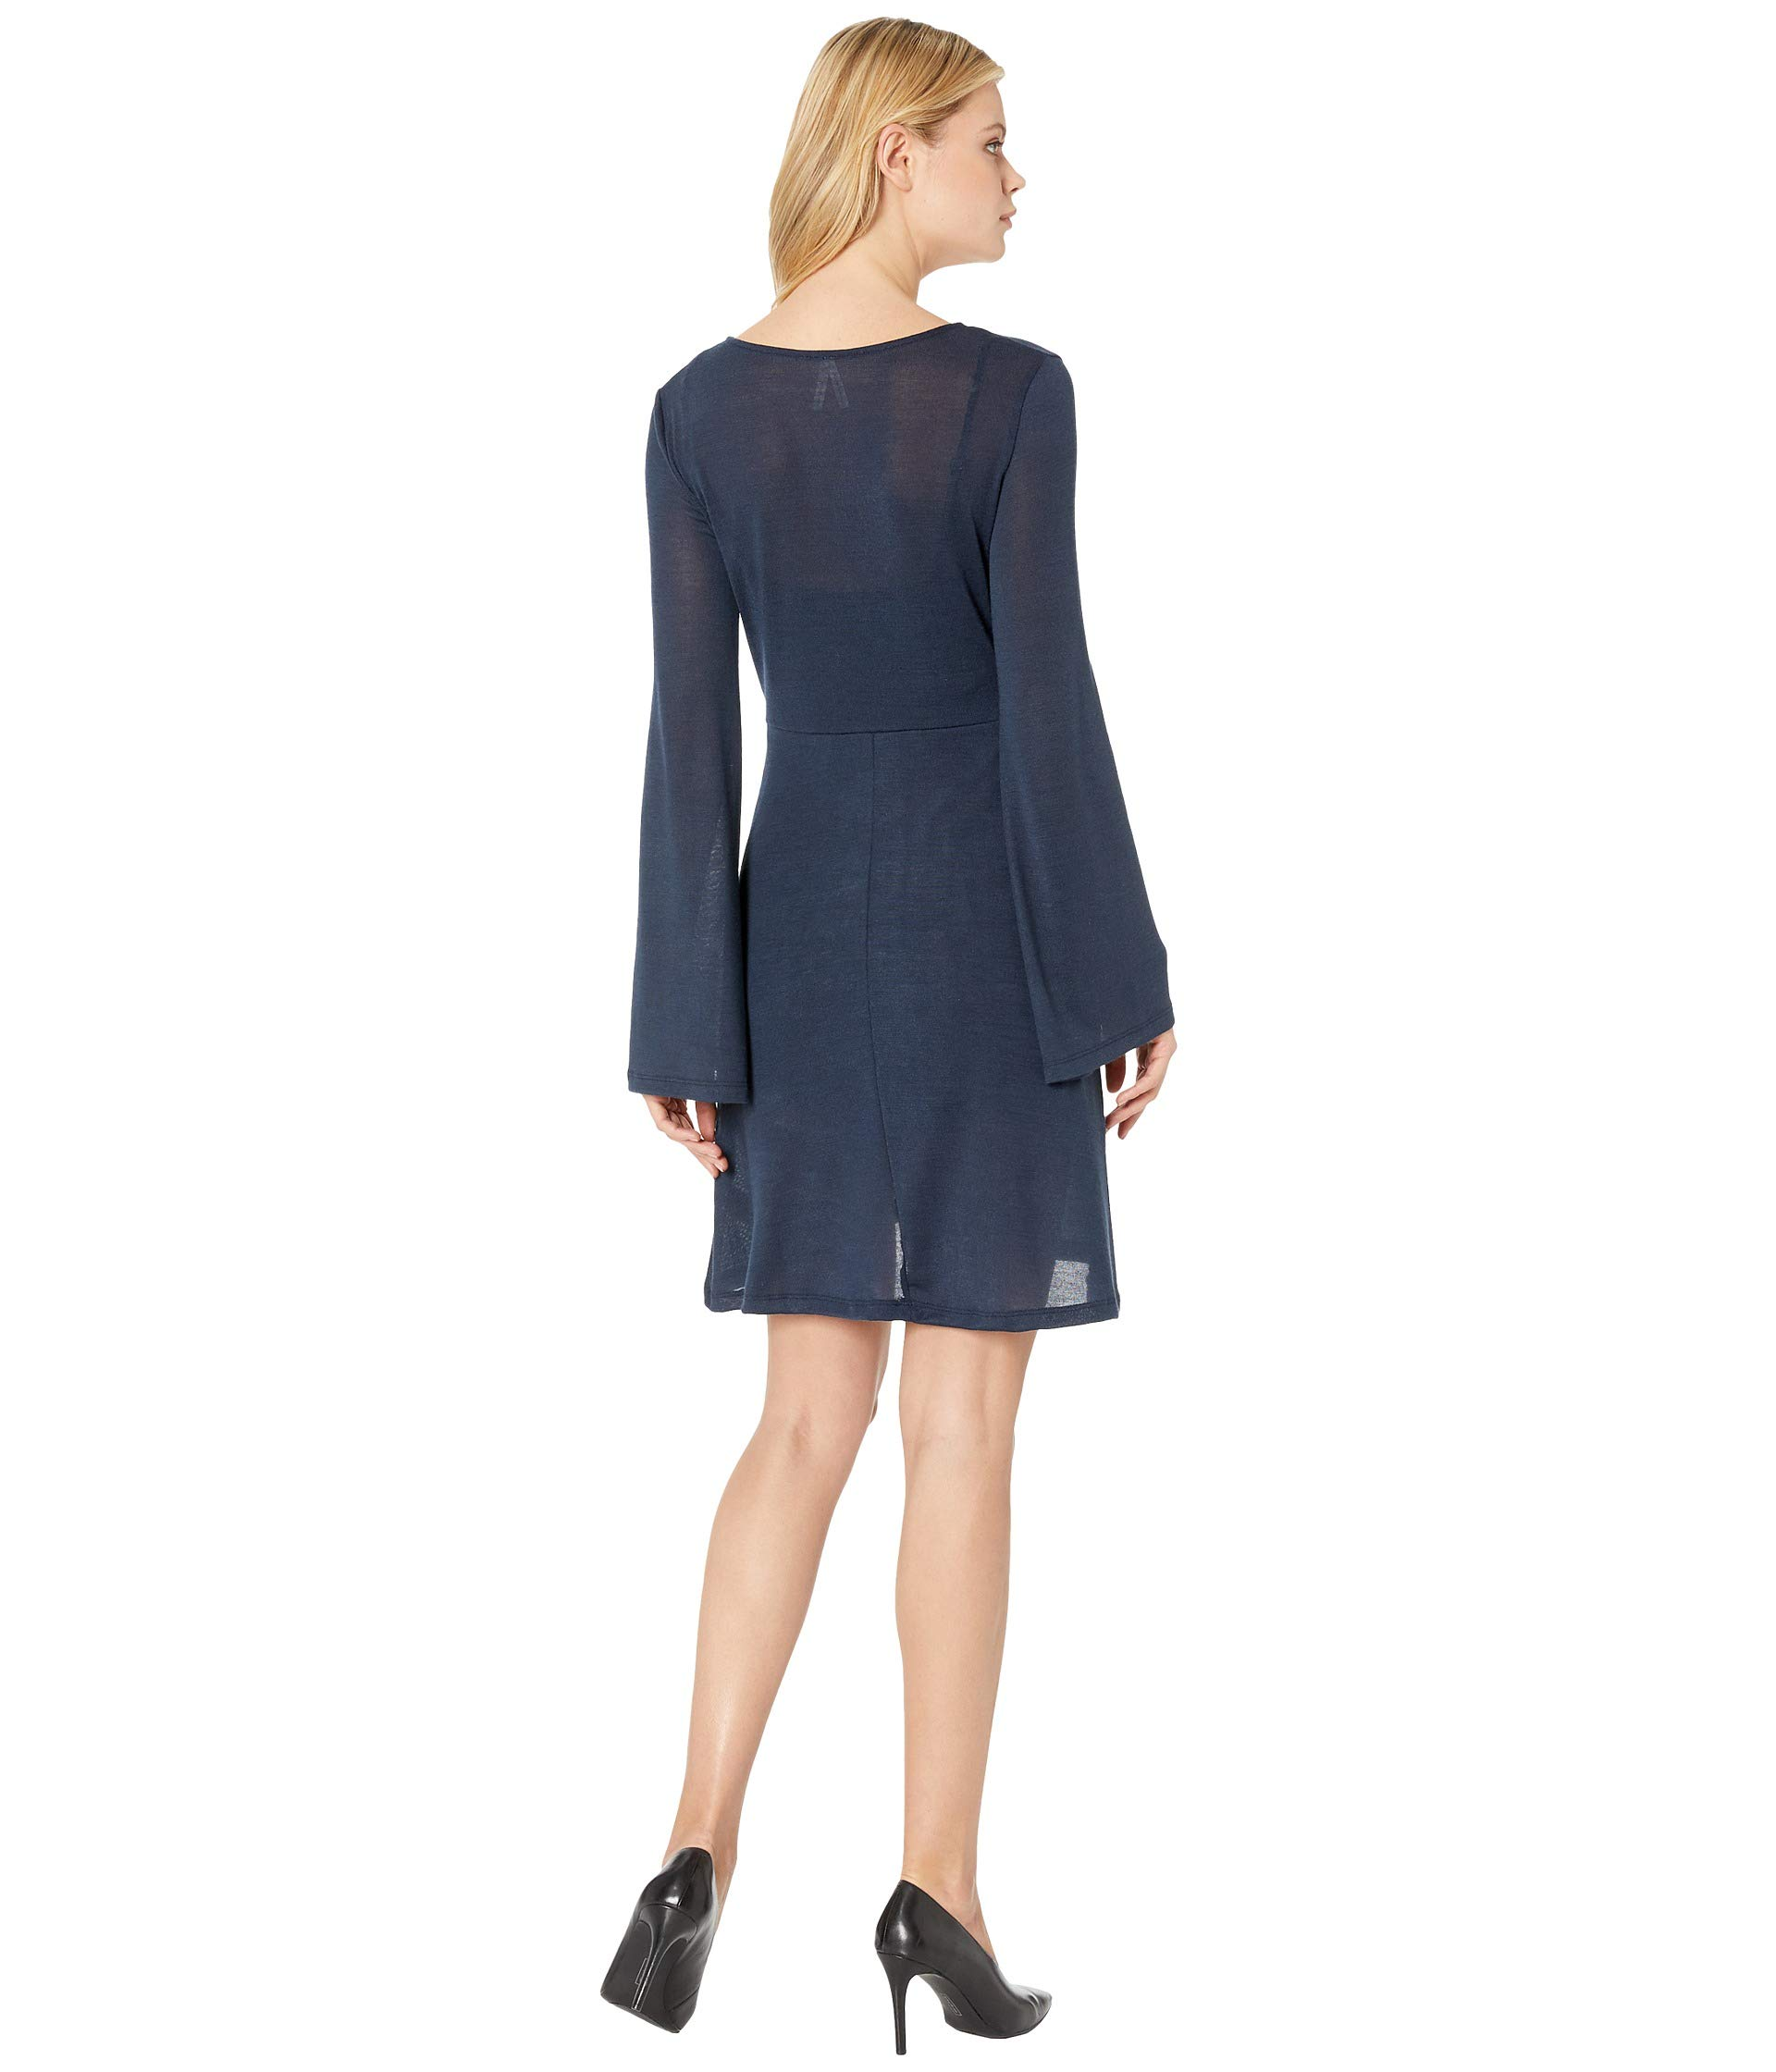 2264 Dress Blue Roper Knit Sweater wgAanSxFq0